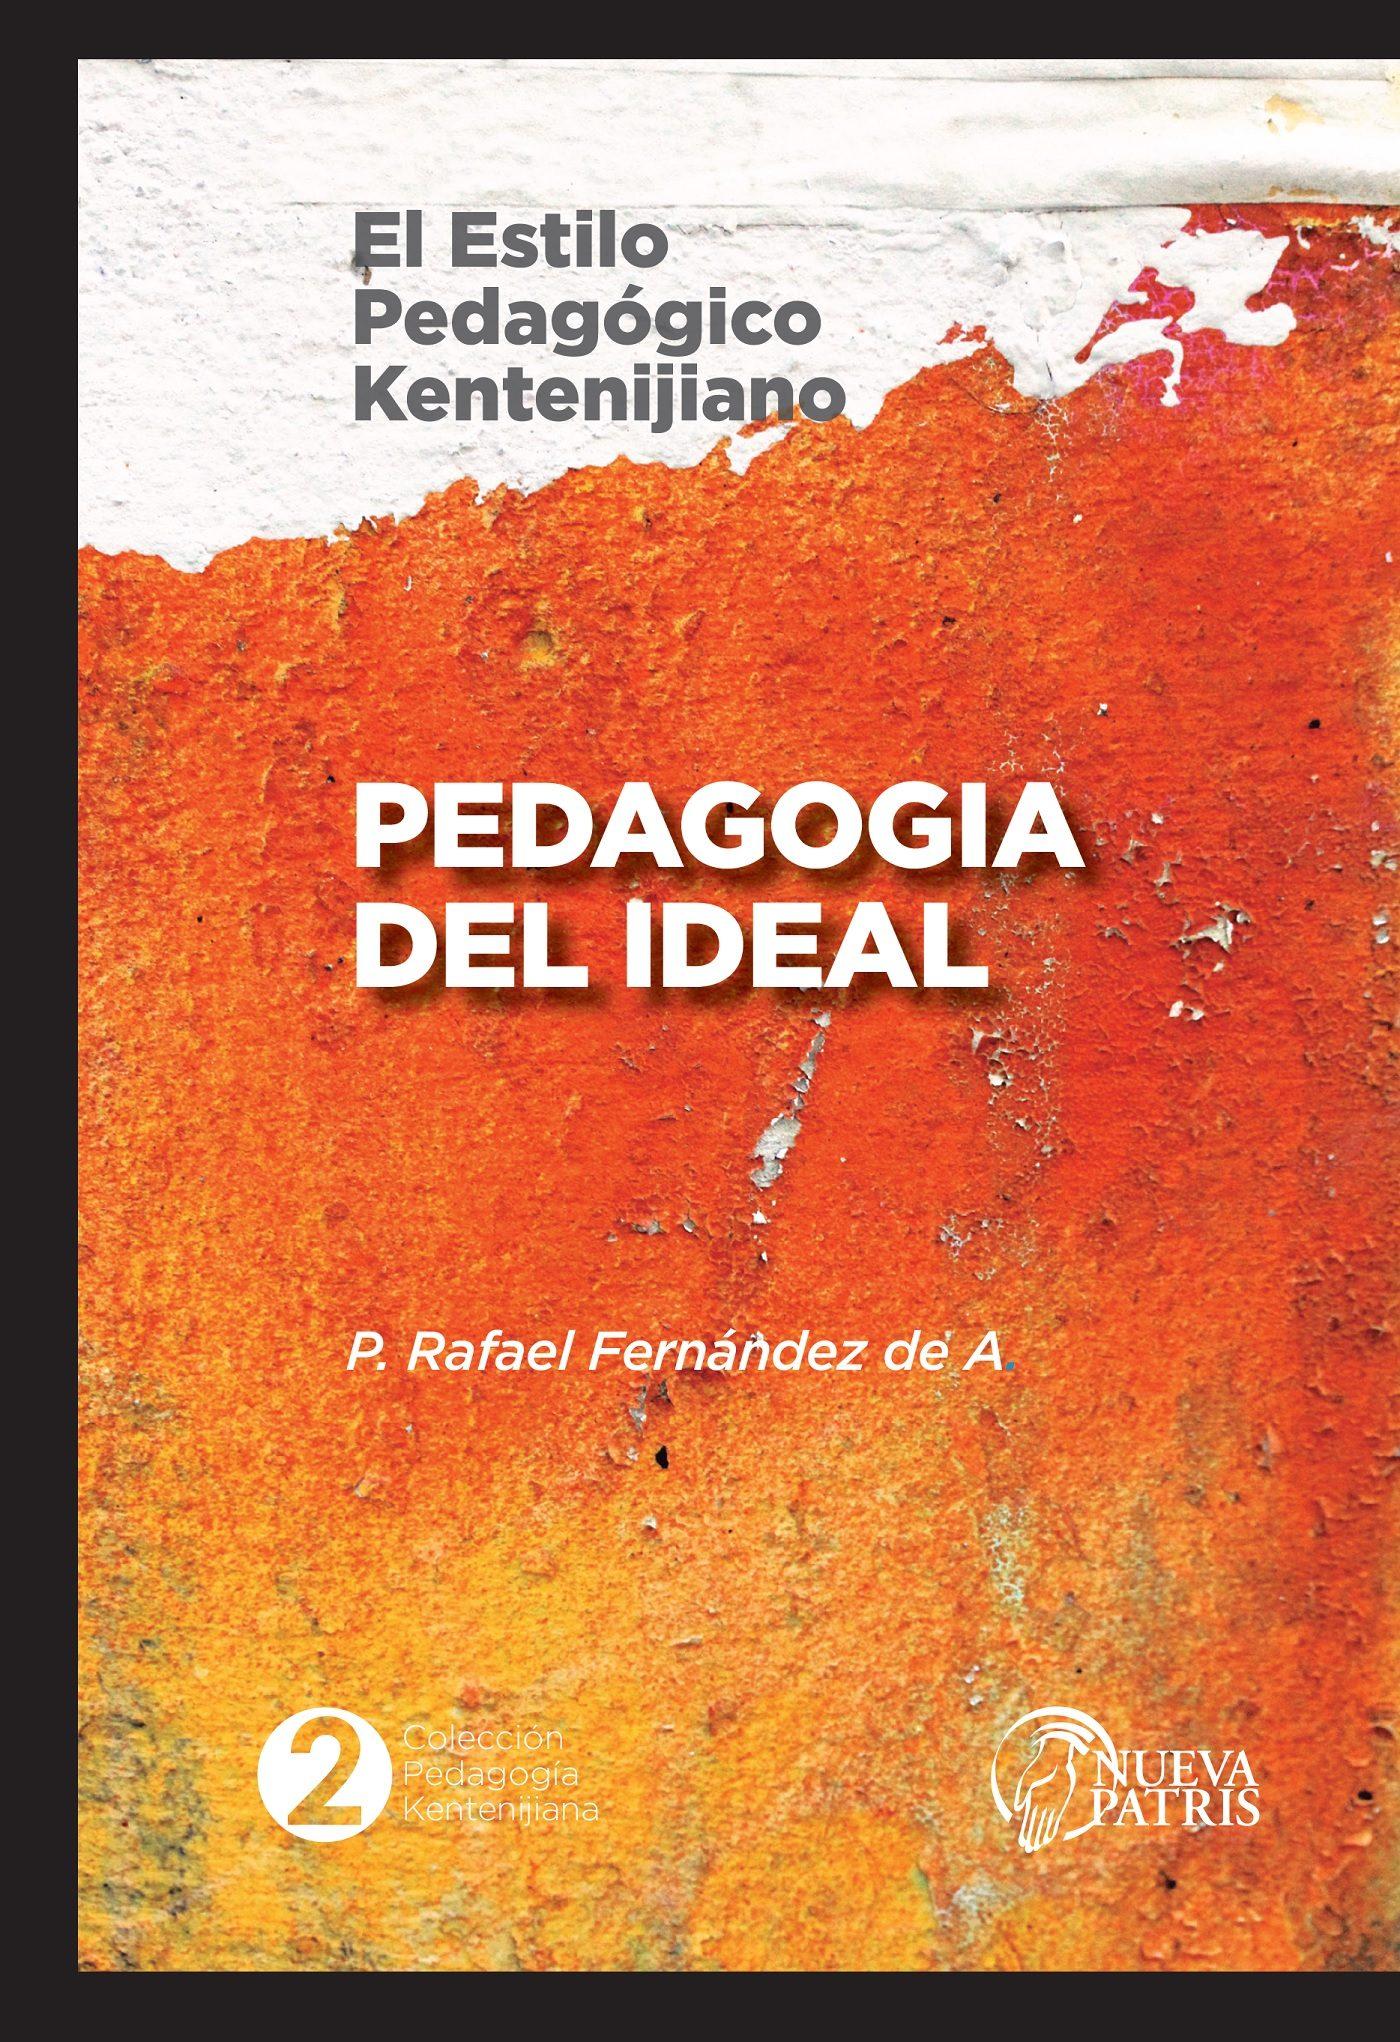 Pedagogía del Ideal: El estilo pedagógico Kentenijiano